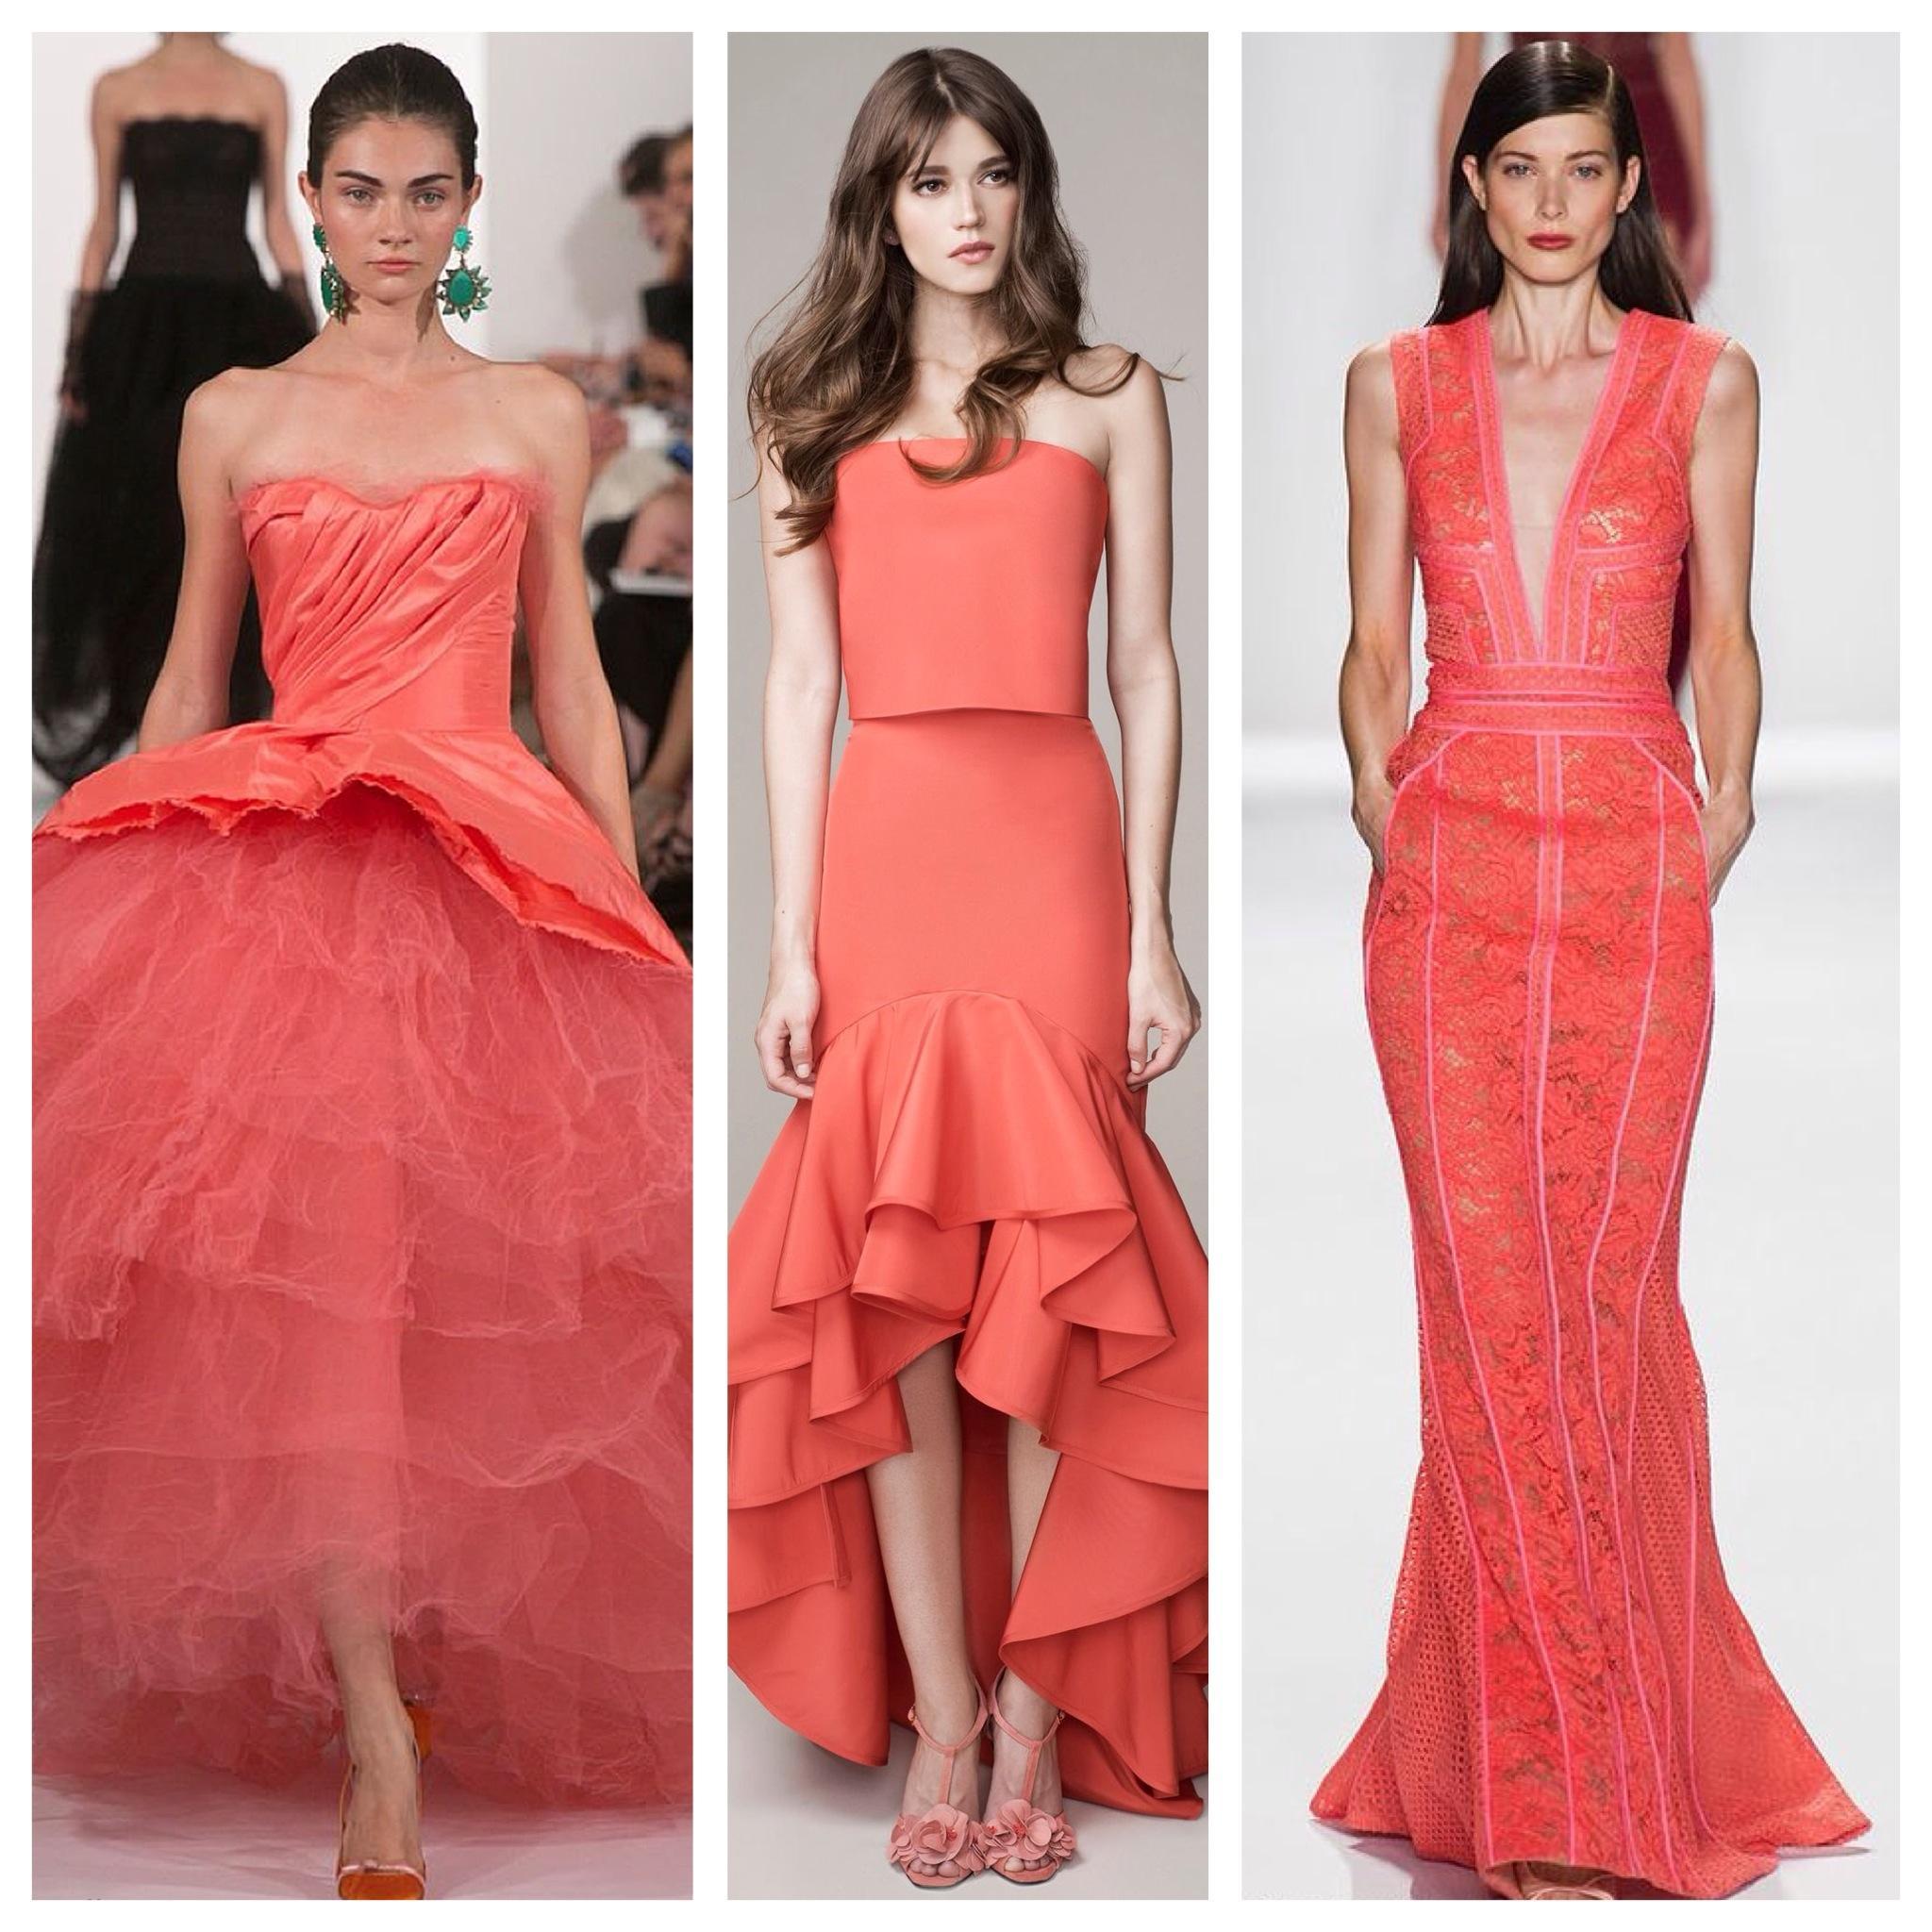 722a549a8d5e6a4 С чем носить коралловое платье: фото, идеи